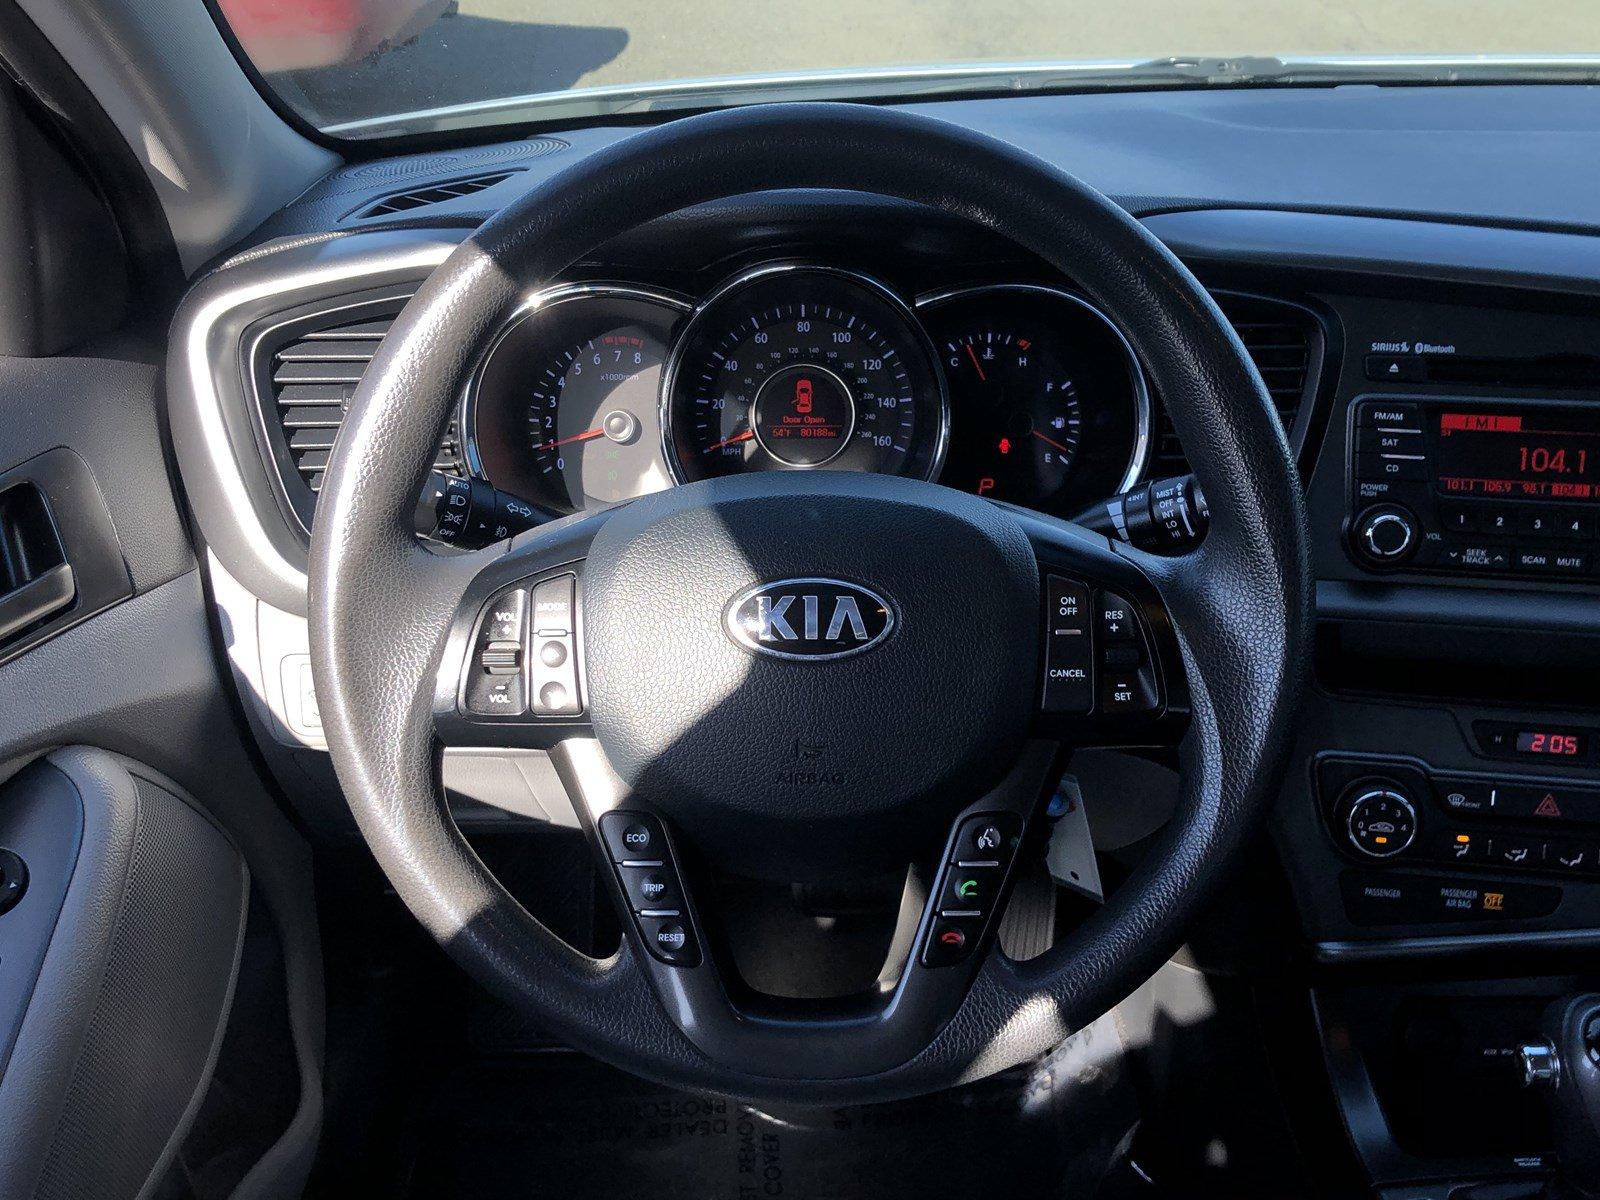 Pre-Owned 2013 Kia Optima LX